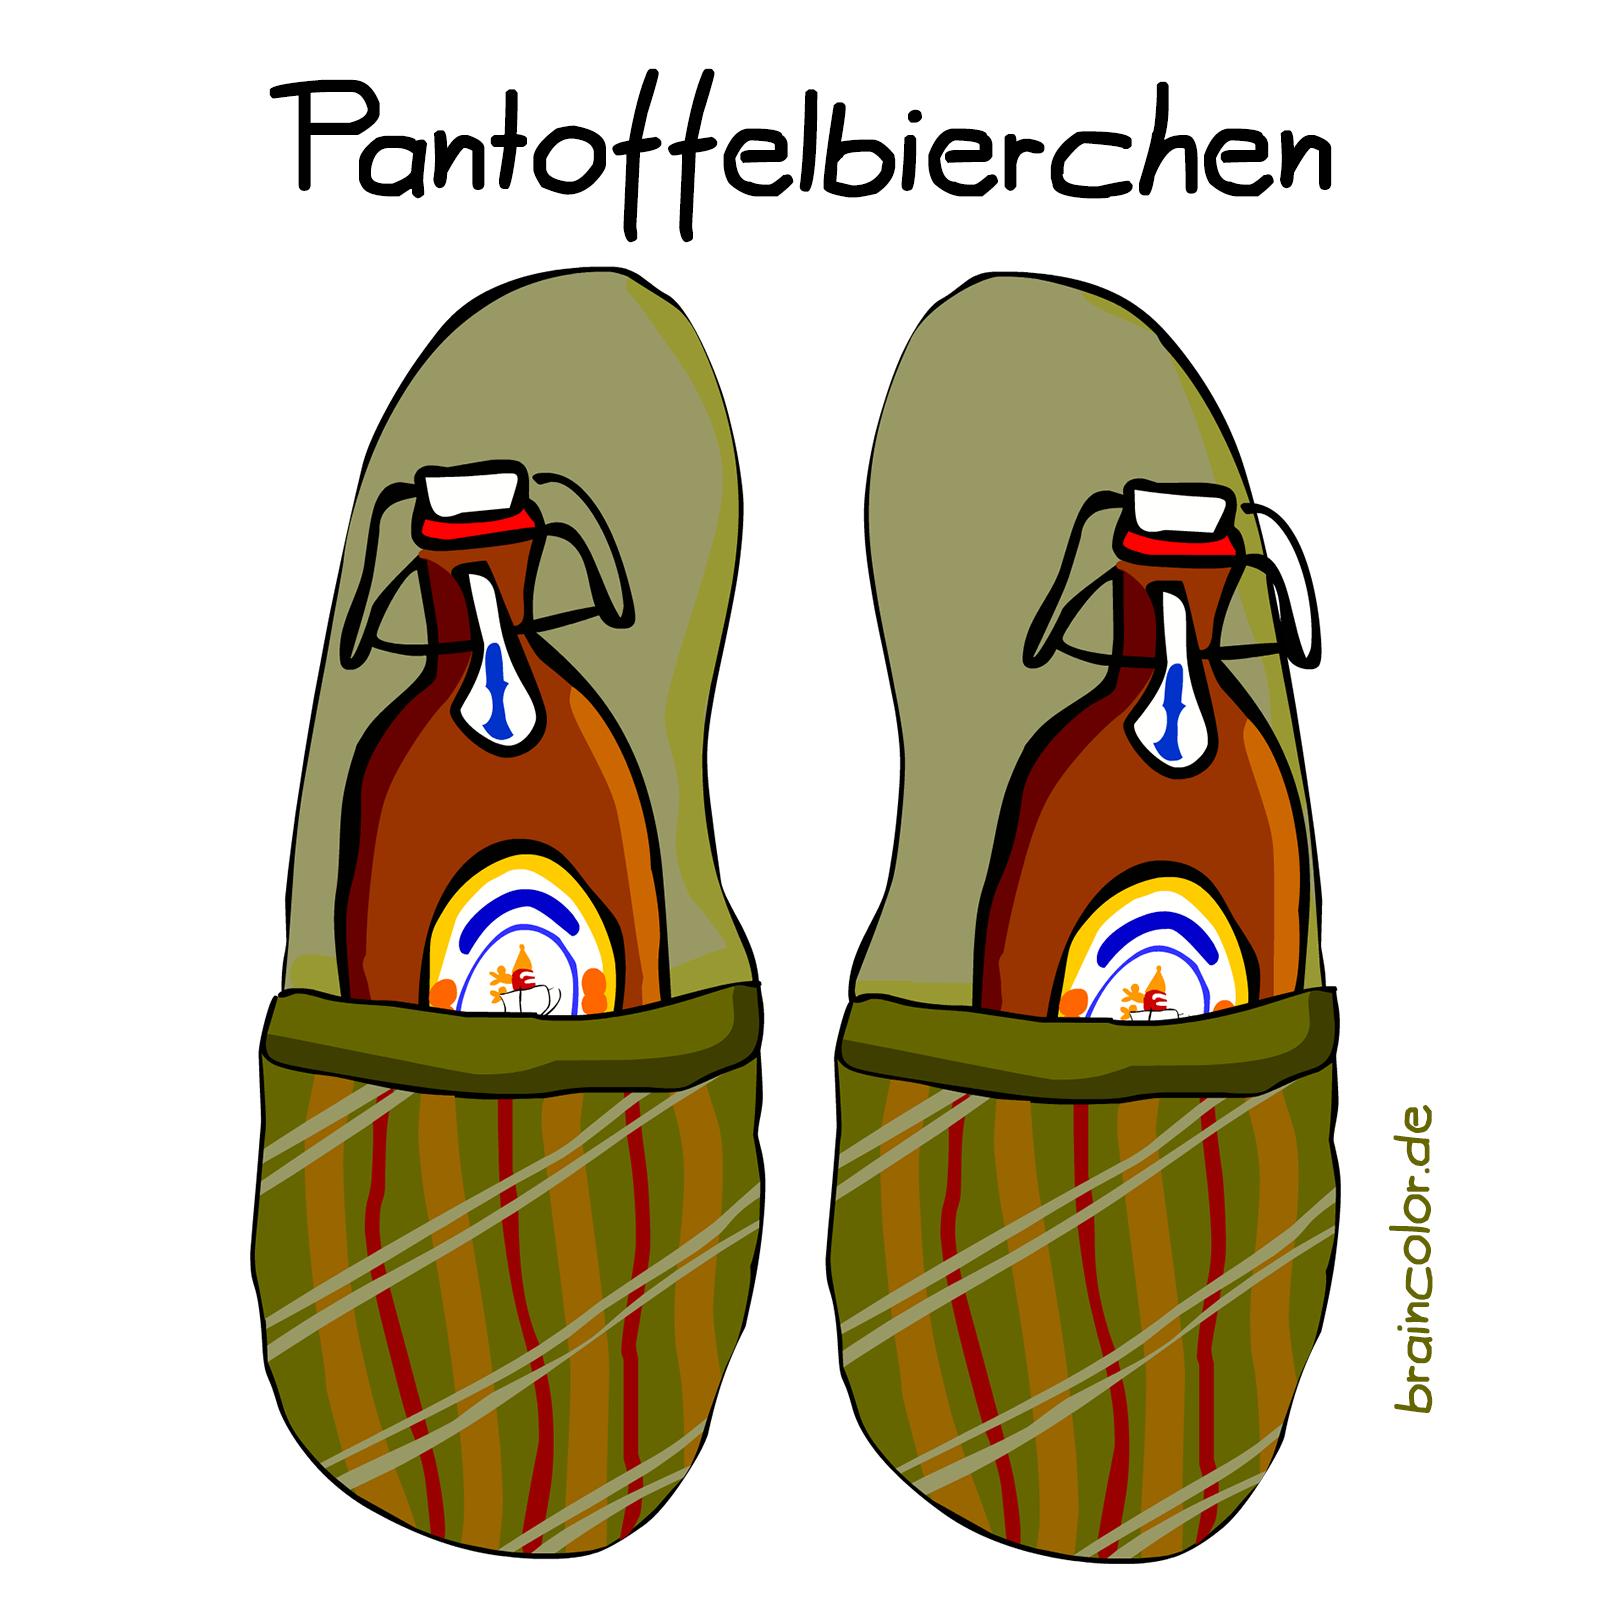 pantoffelbierchen